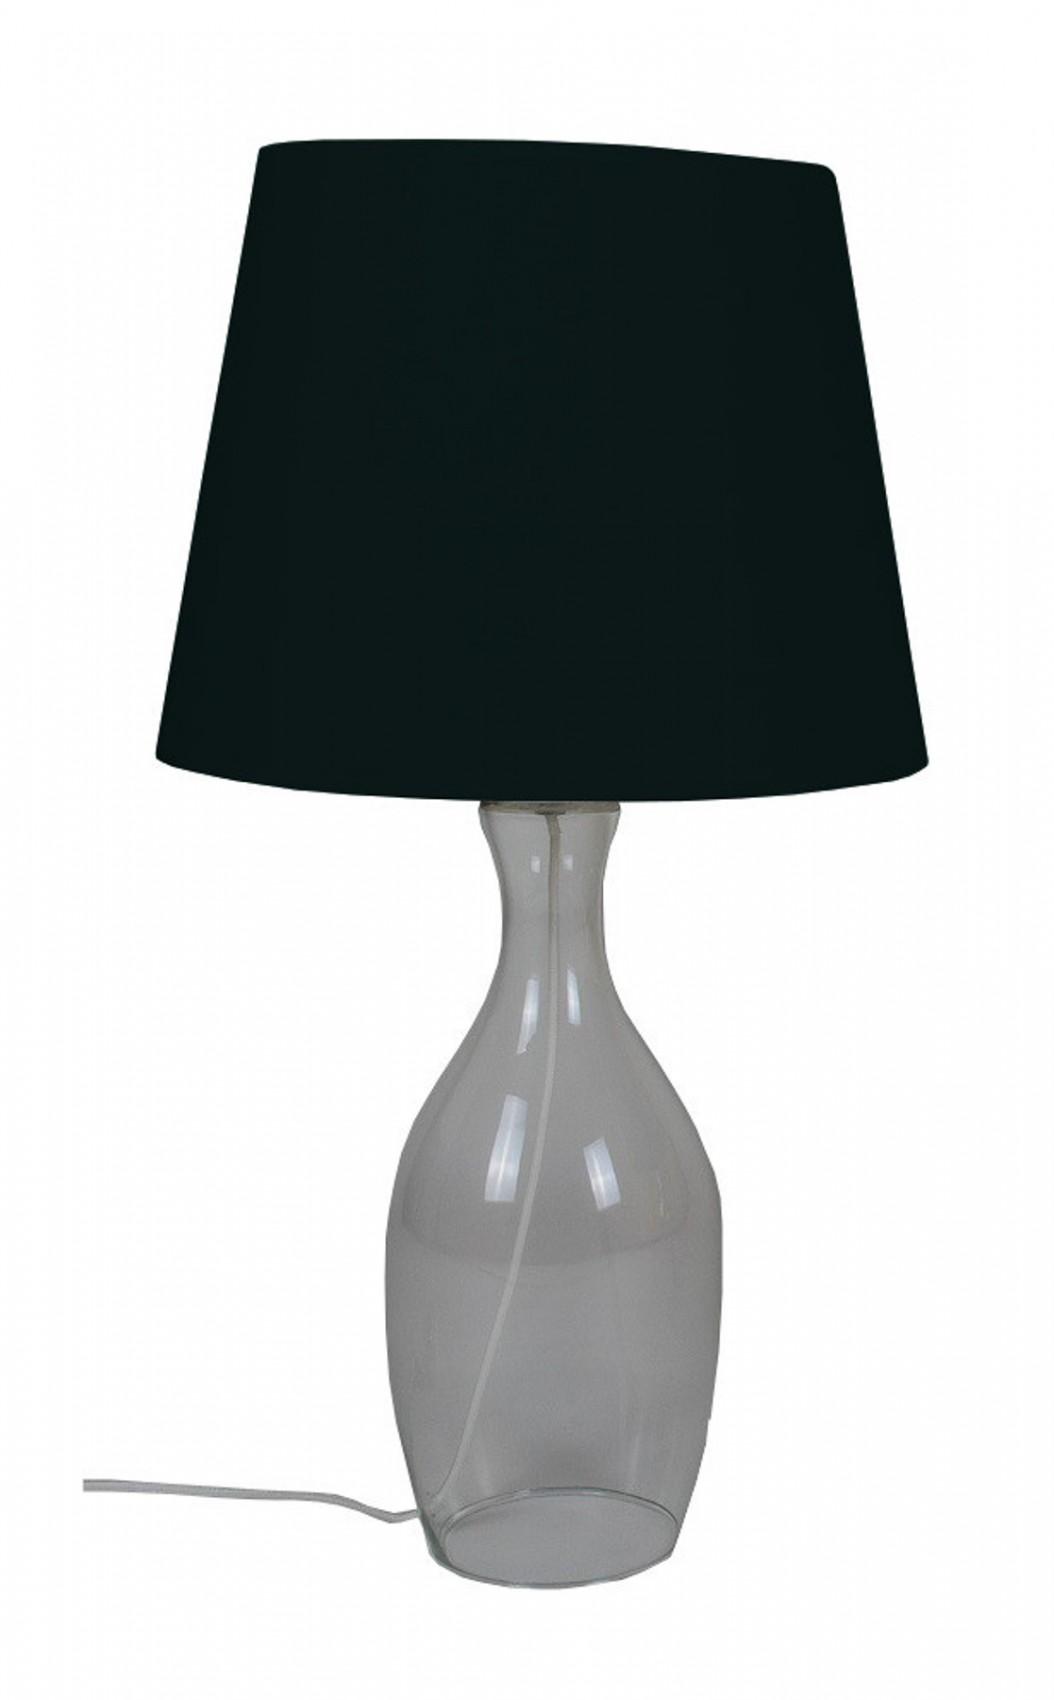 Tischlampe Mit Glasfuss 63 Cm Tischleuchte Wohnzimmerlampe Lampe